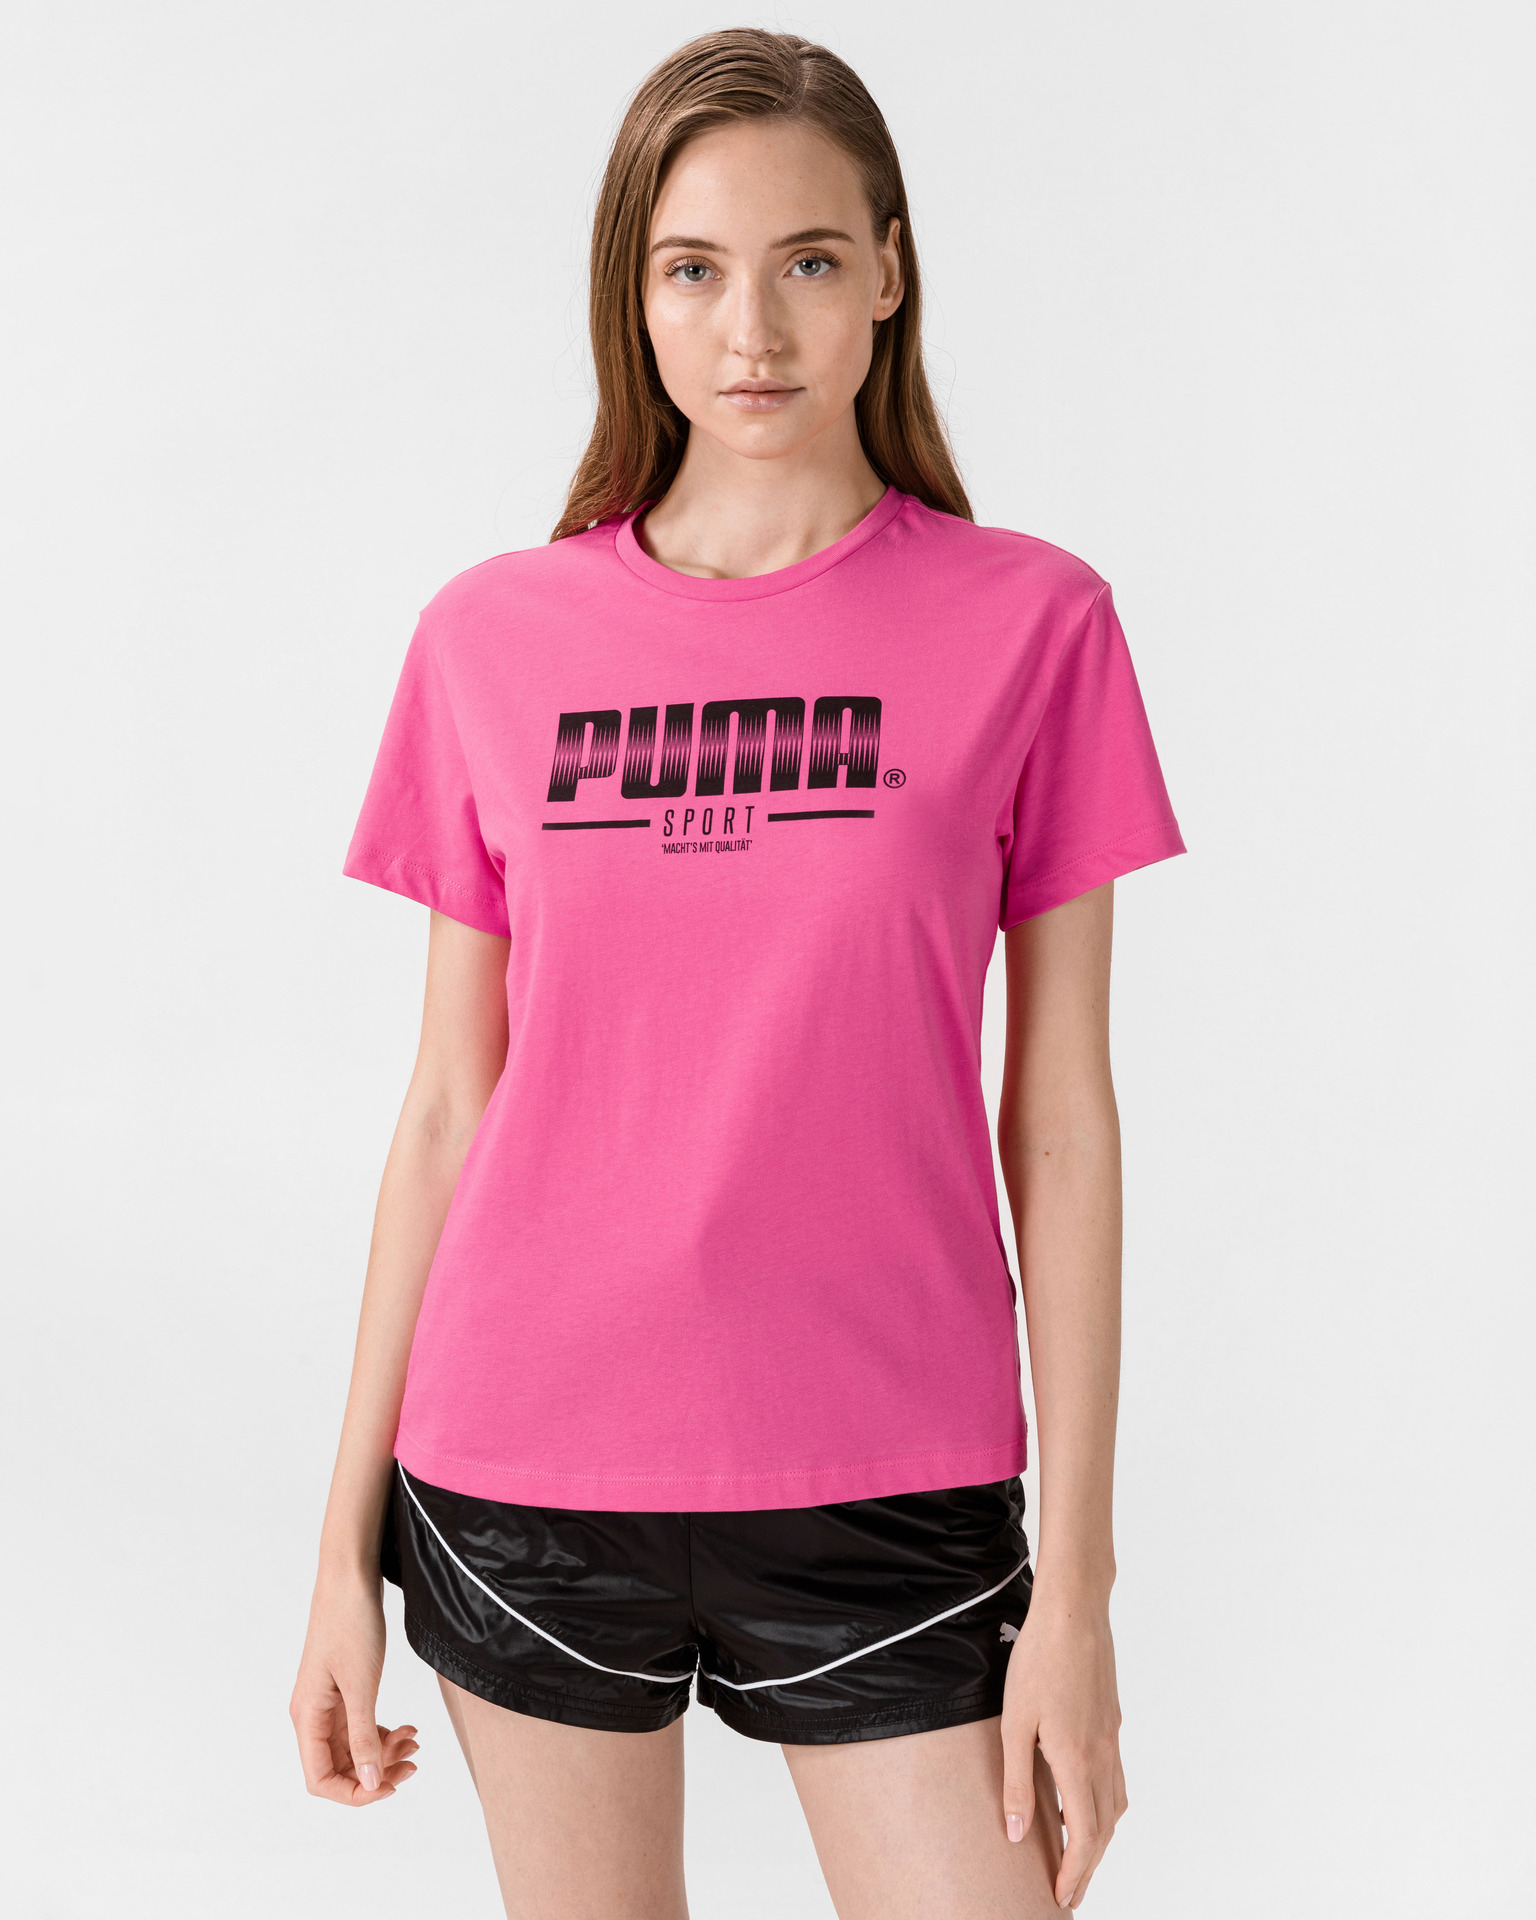 Puma růžové dámské tričko